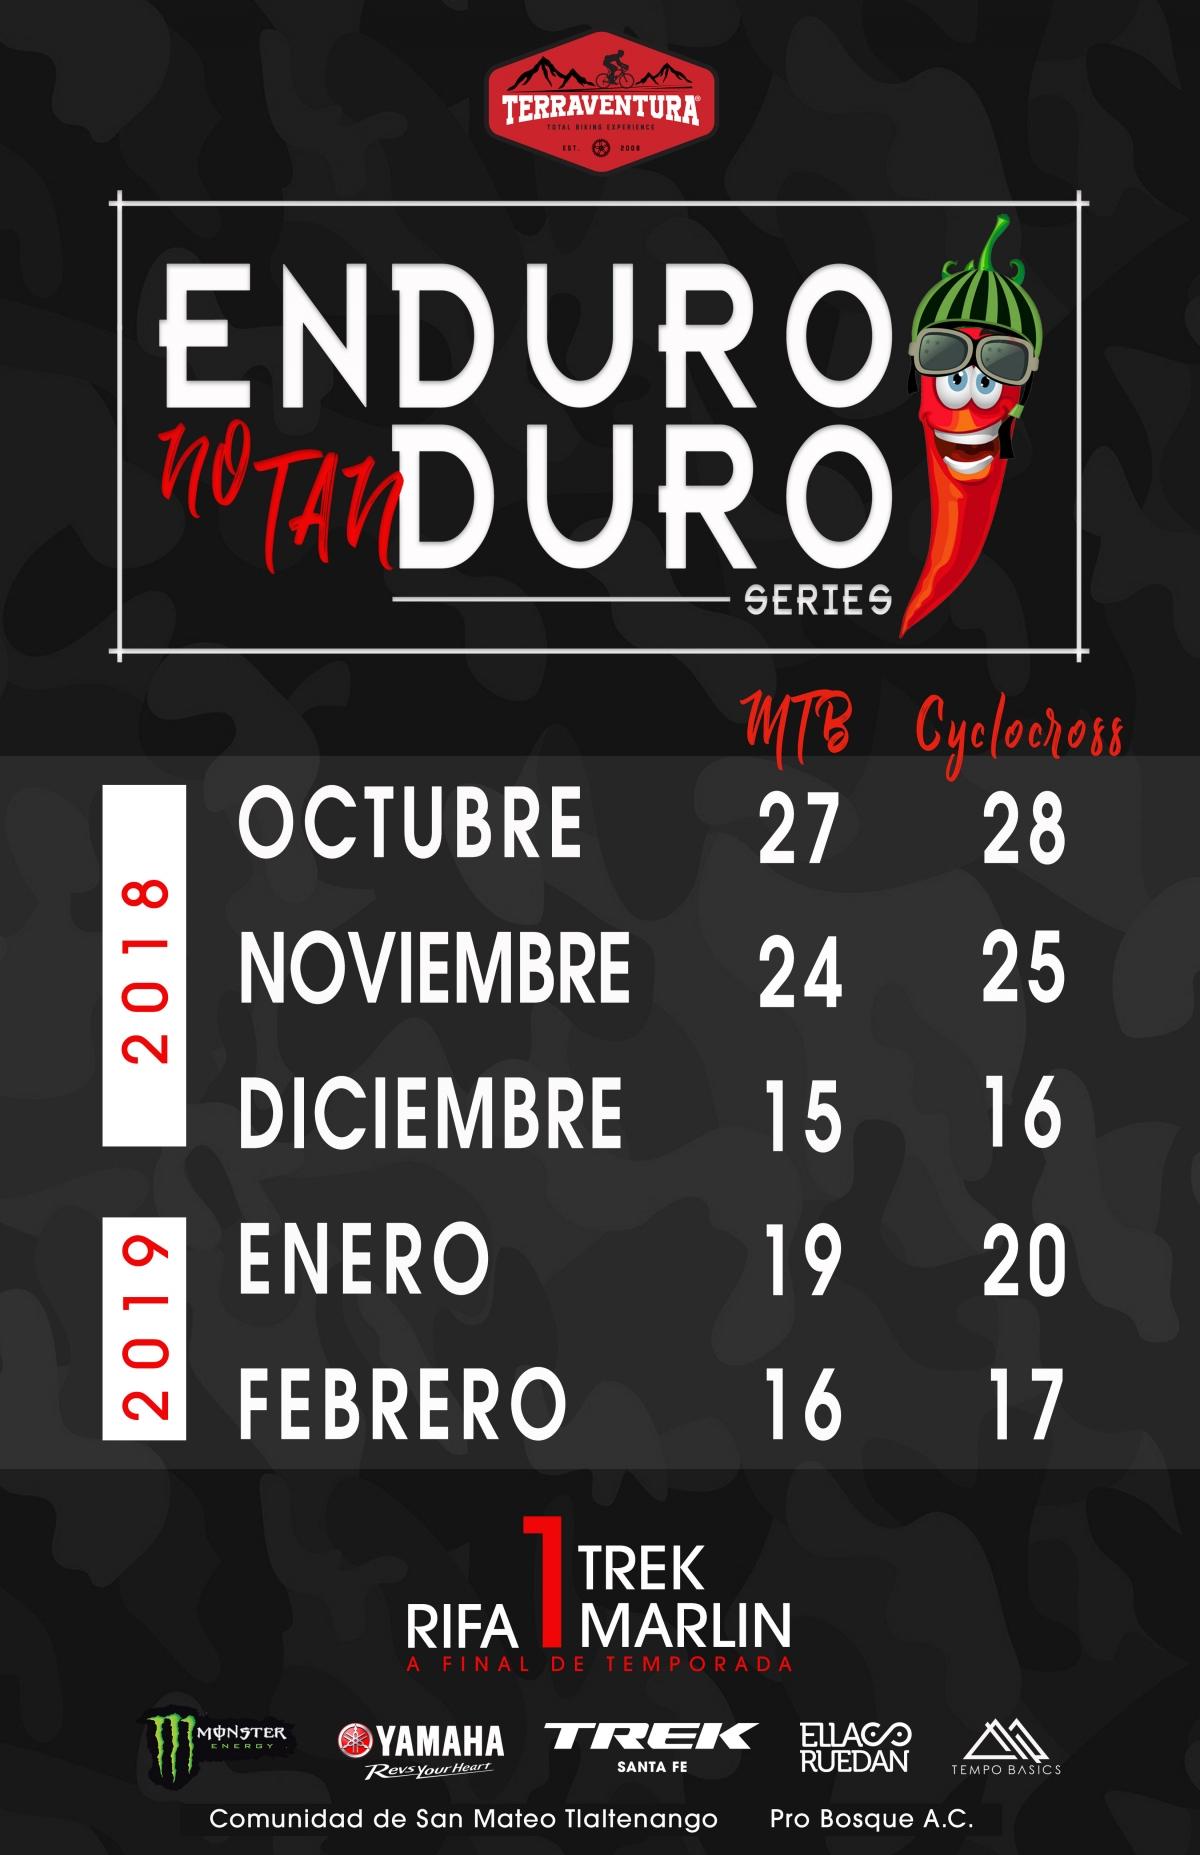 Enduro No Tan Duro, 24 Noviembre, 2do Round